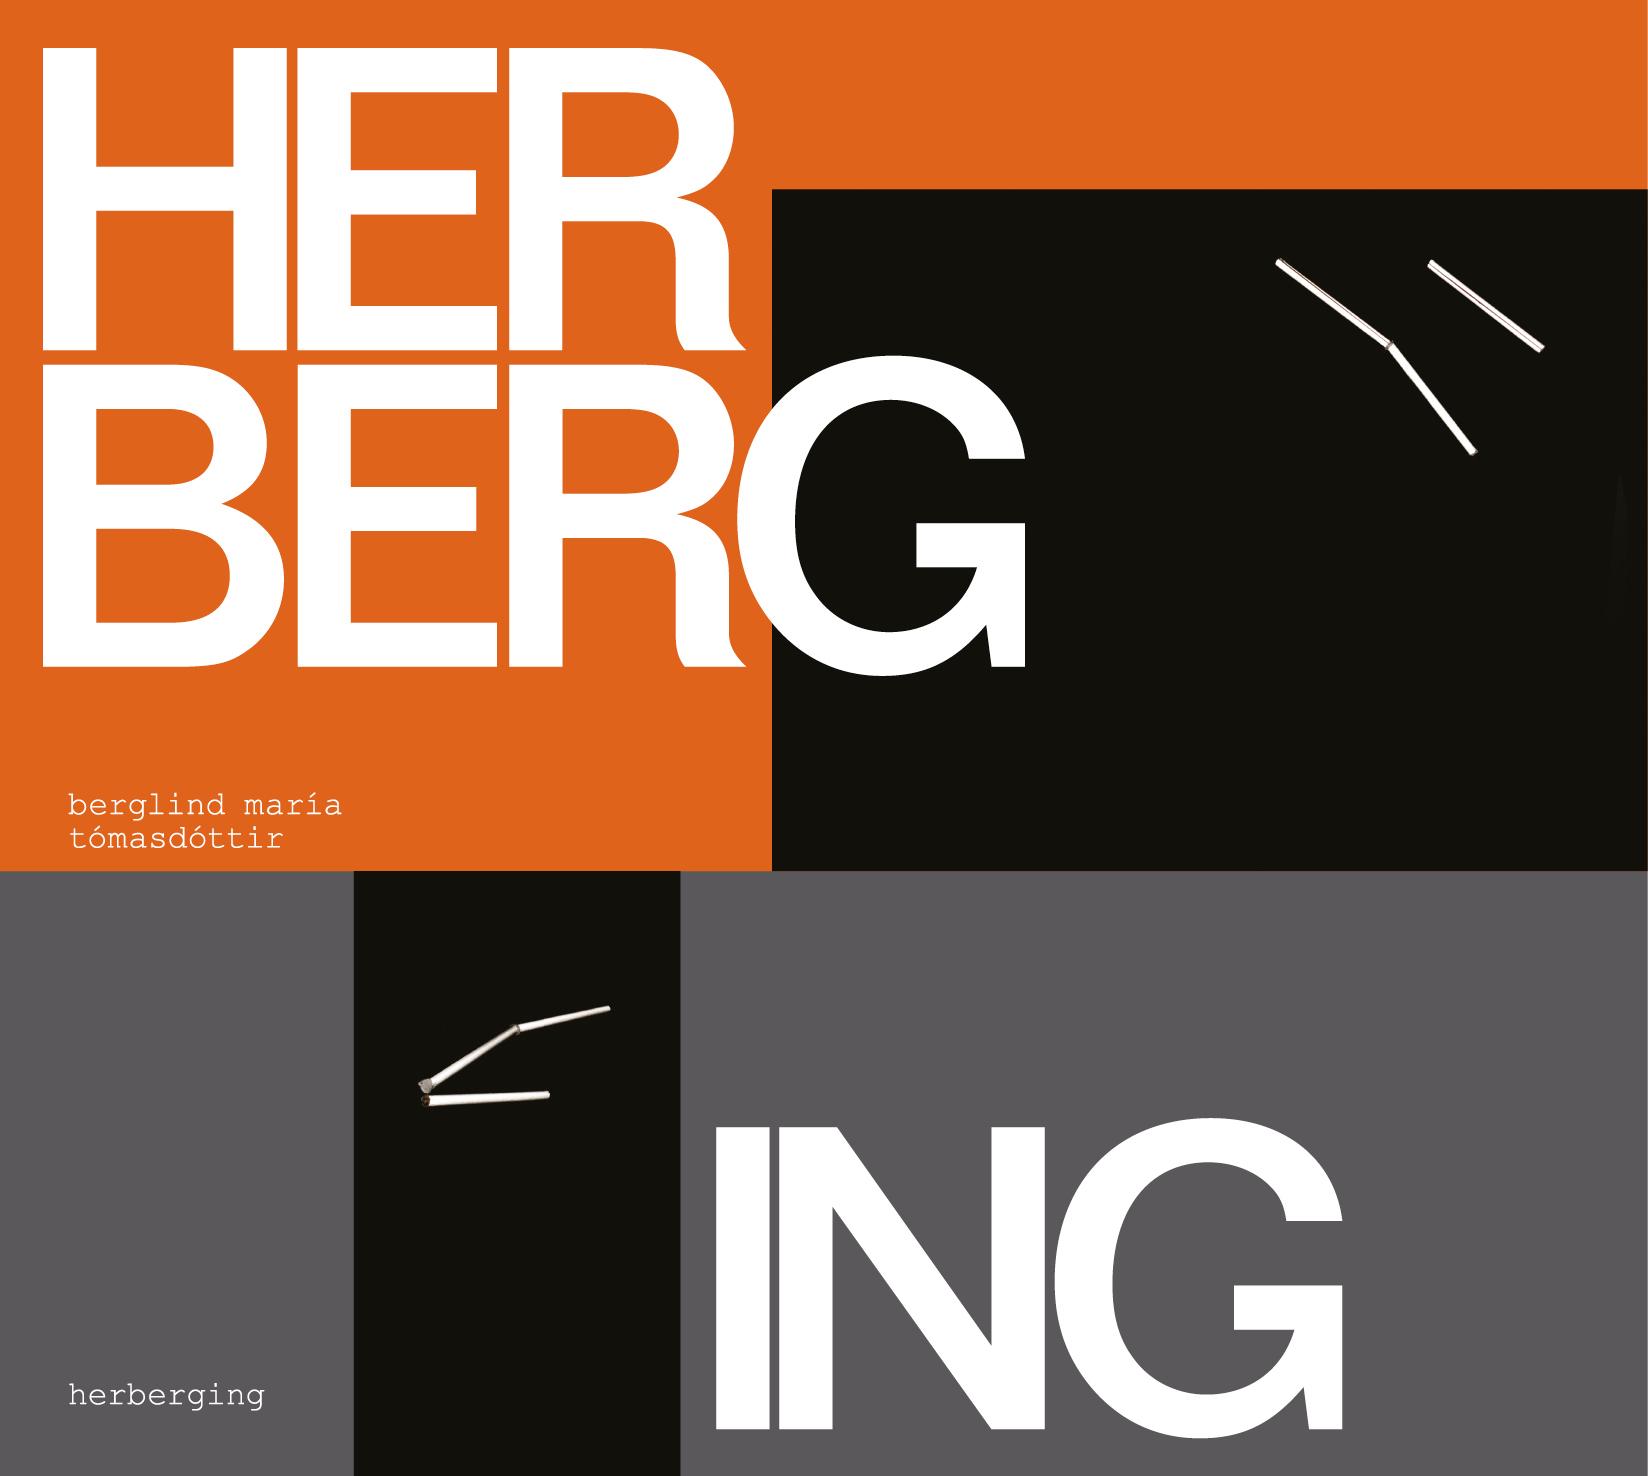 Herberging.jpg